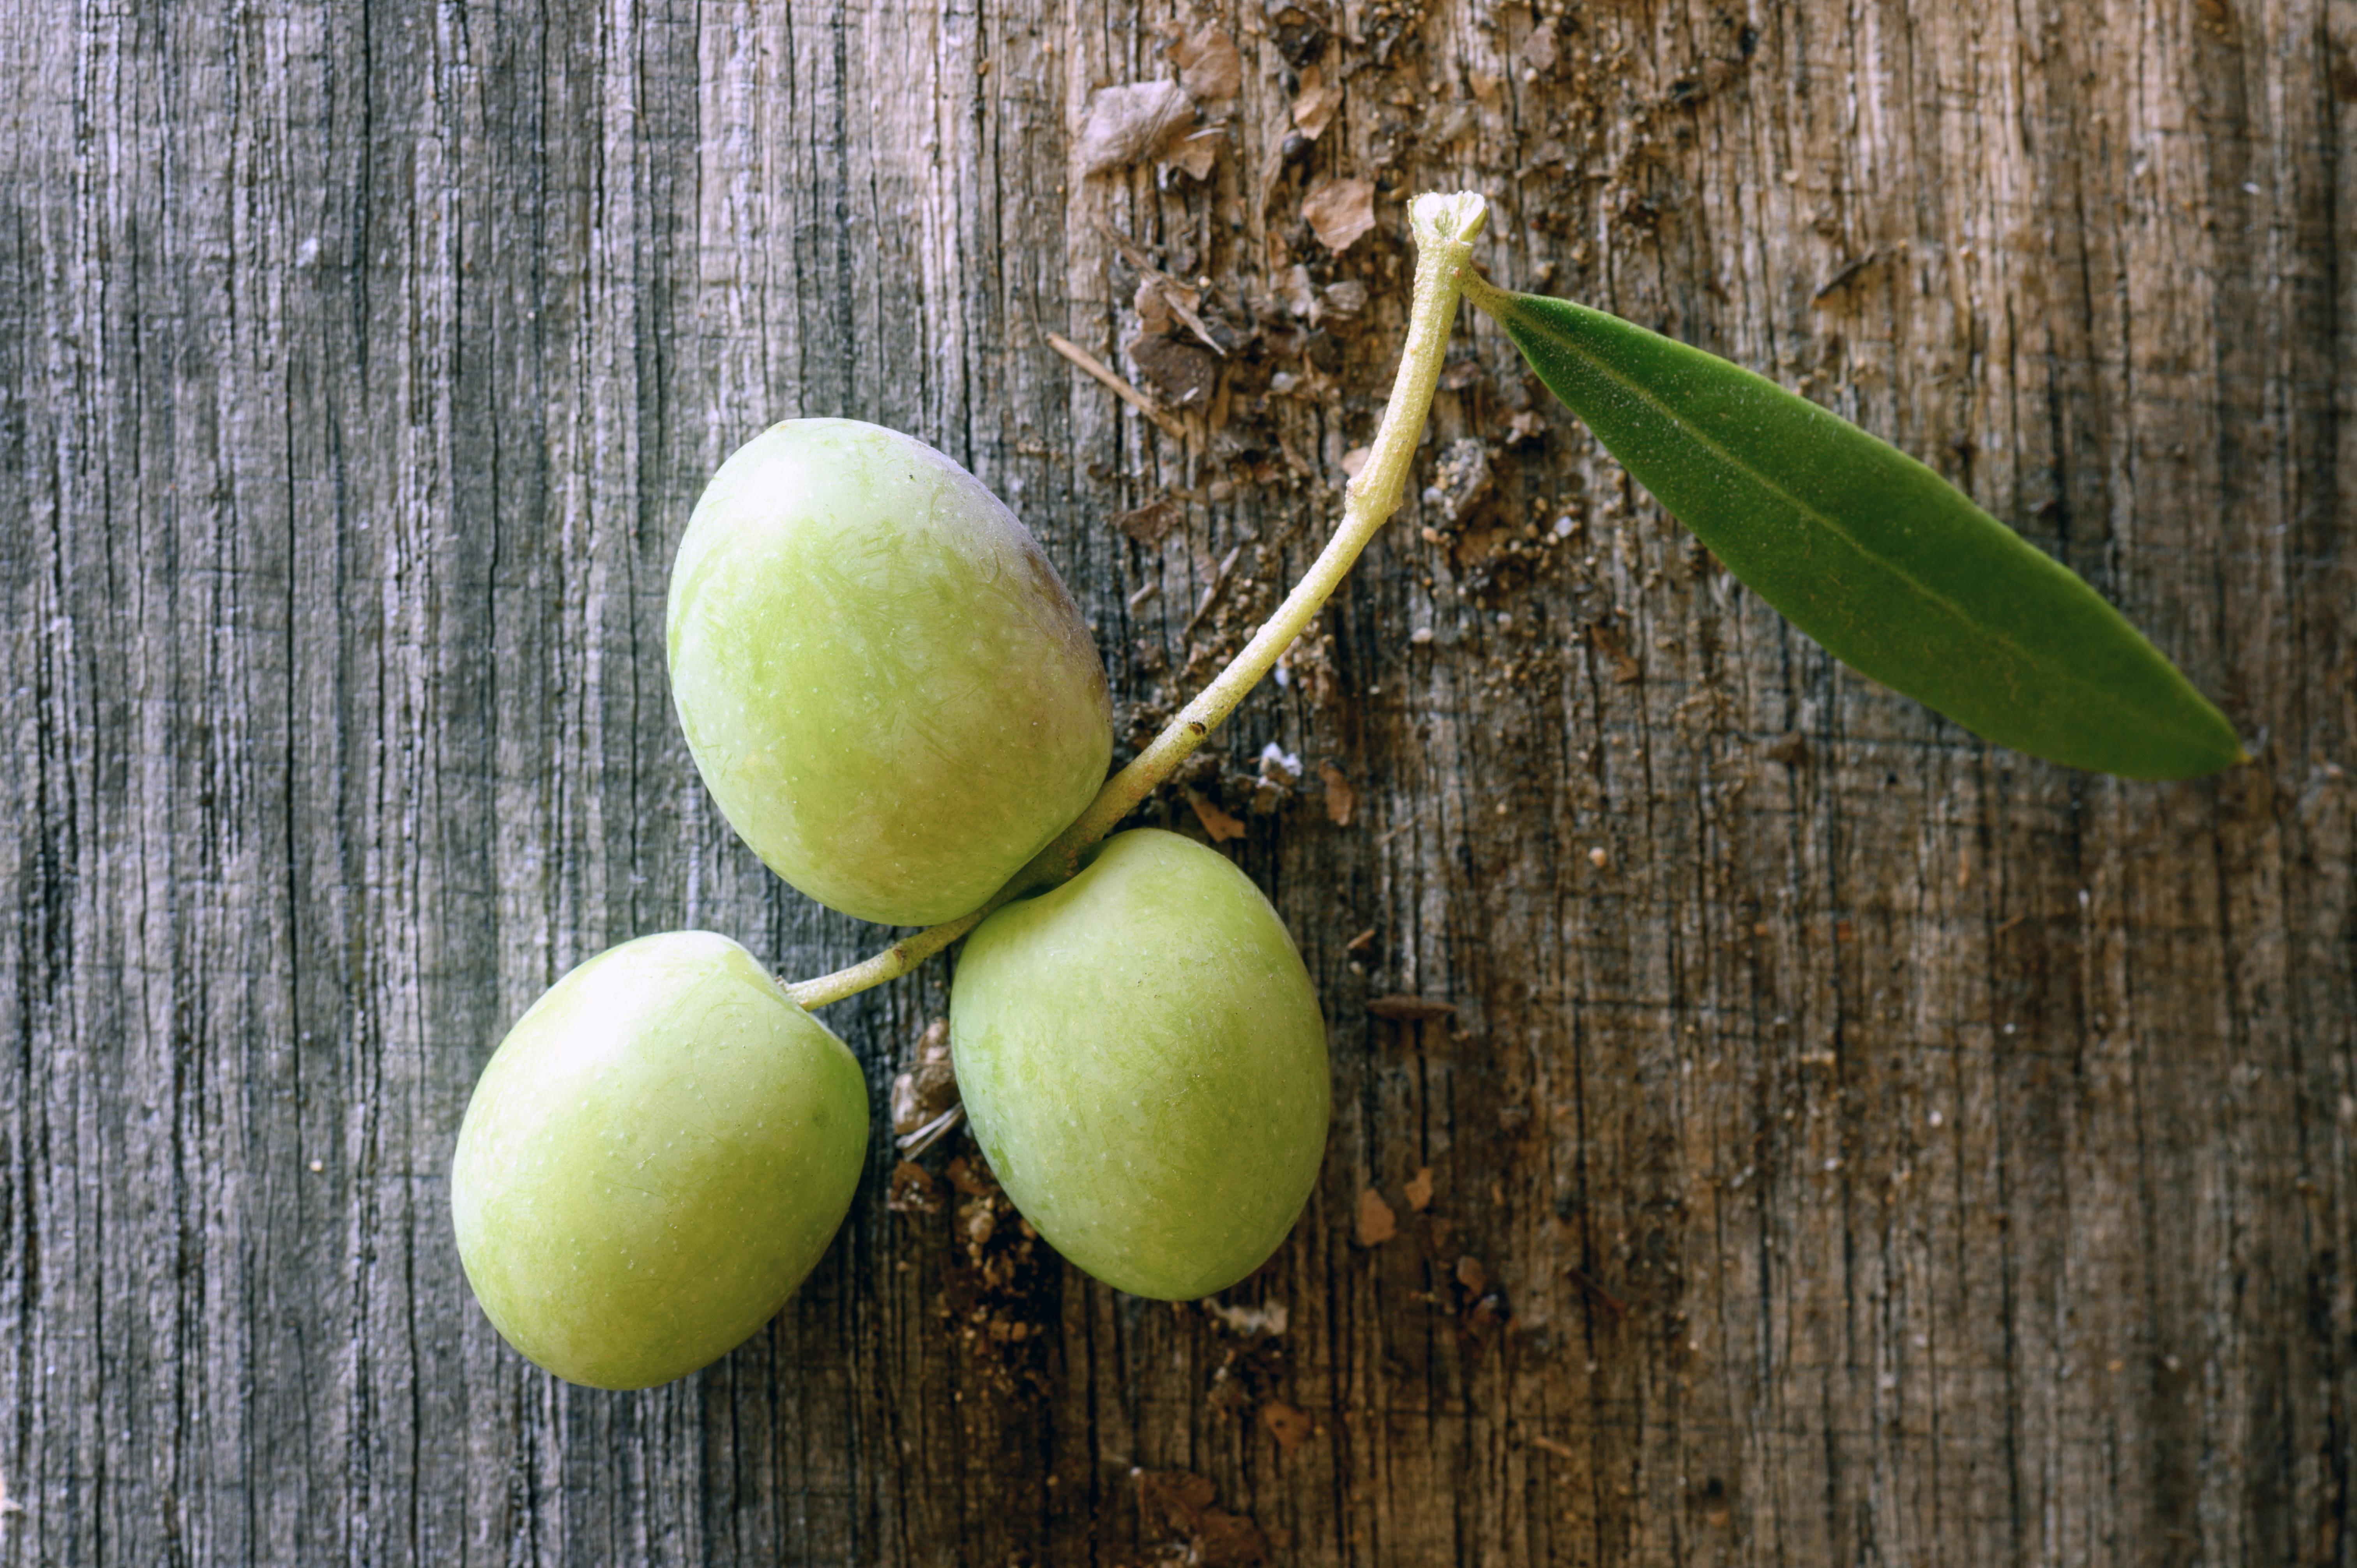 Olives 11-16-19-6065